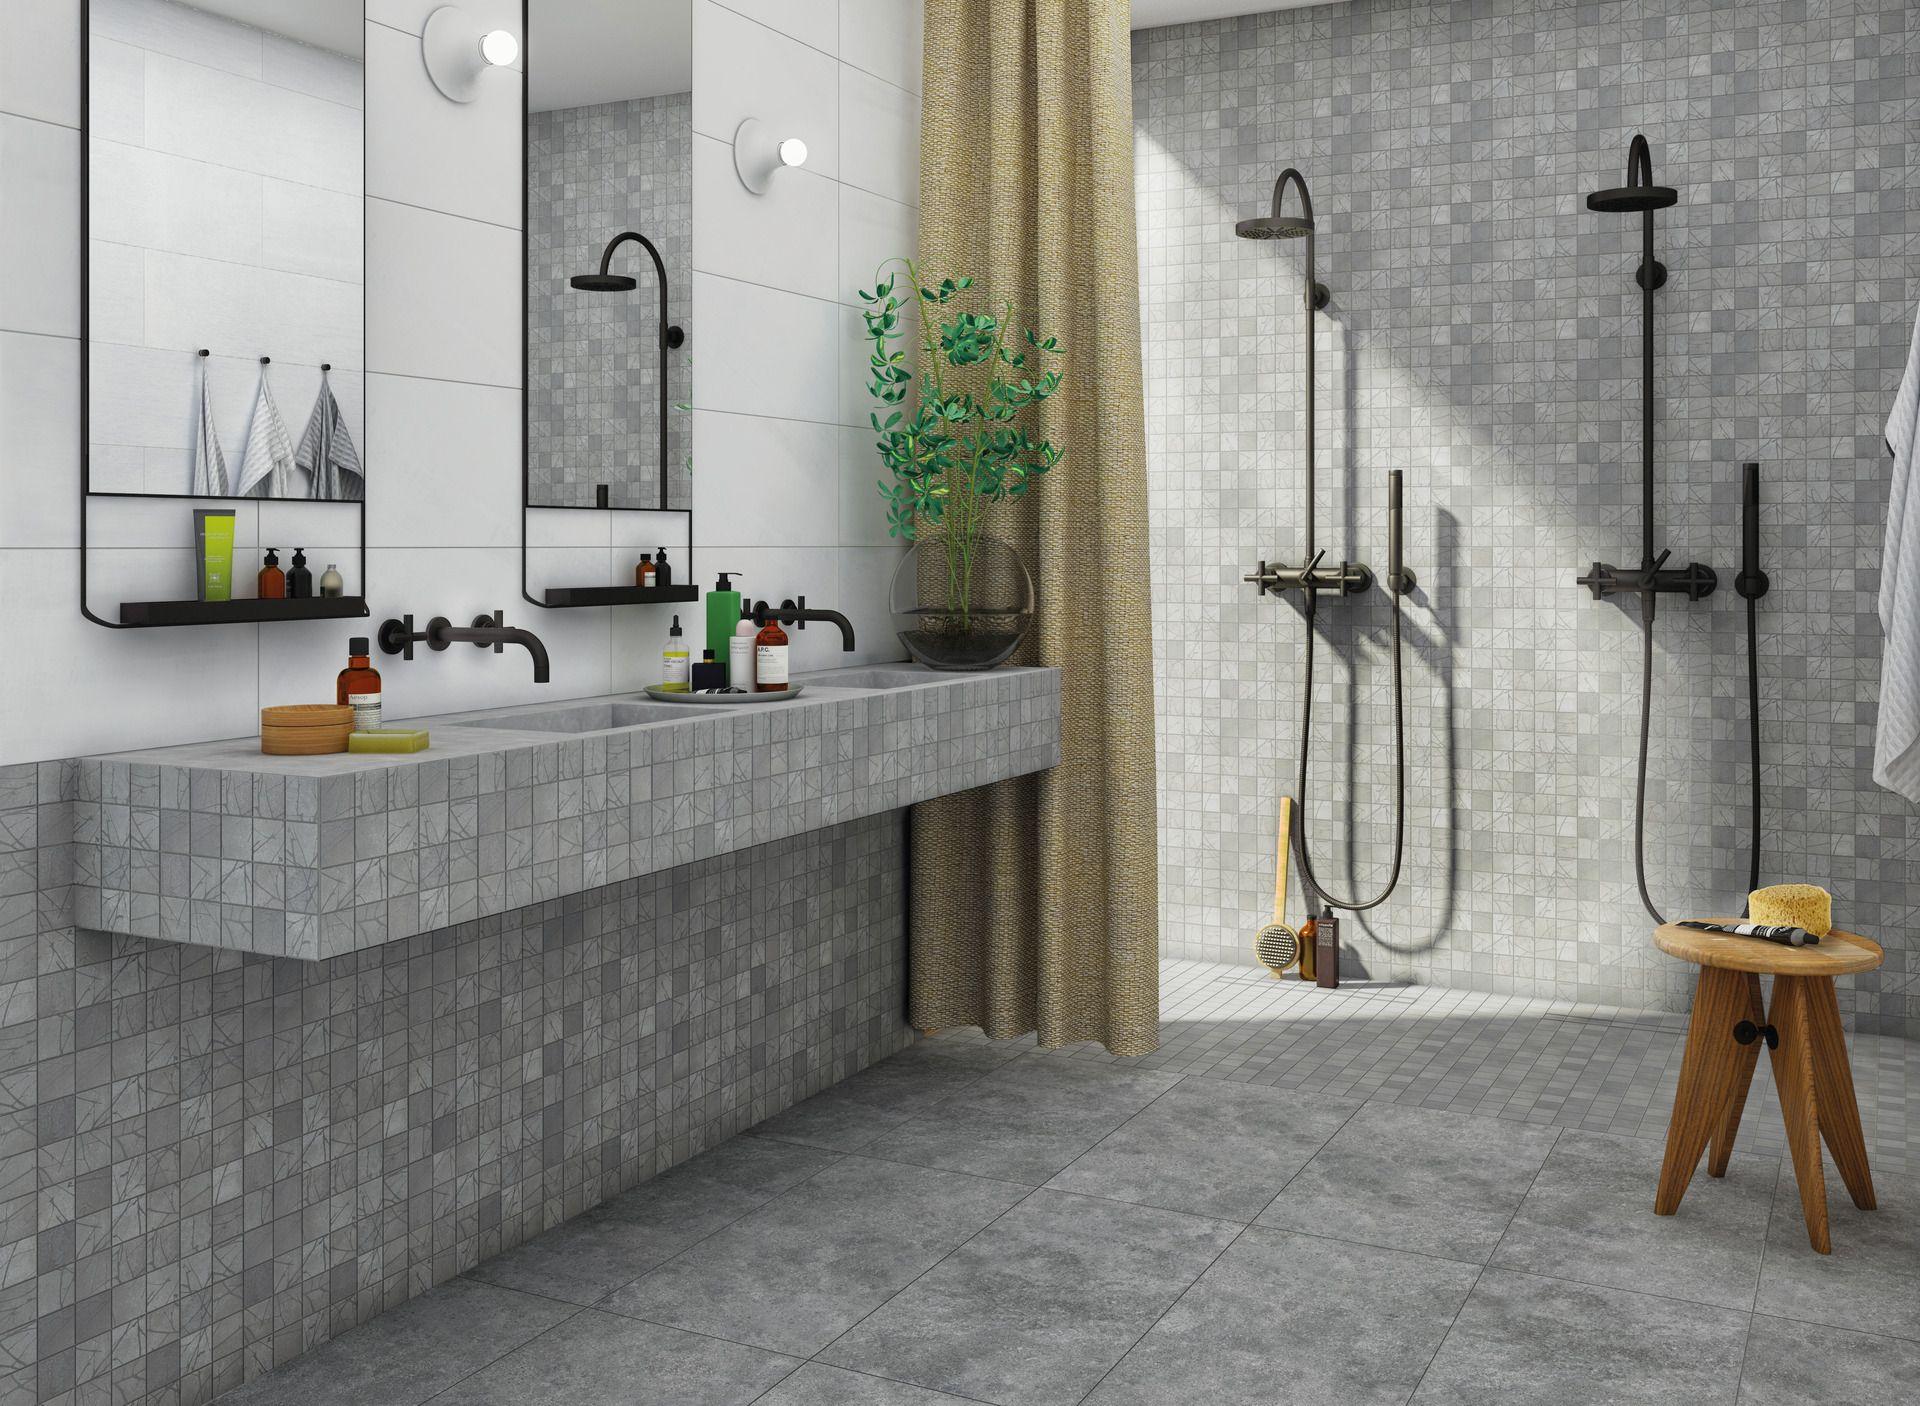 Coole Idee Doppeldusche Dusche Badezimmer Gestalten Badezimmer Fliesen